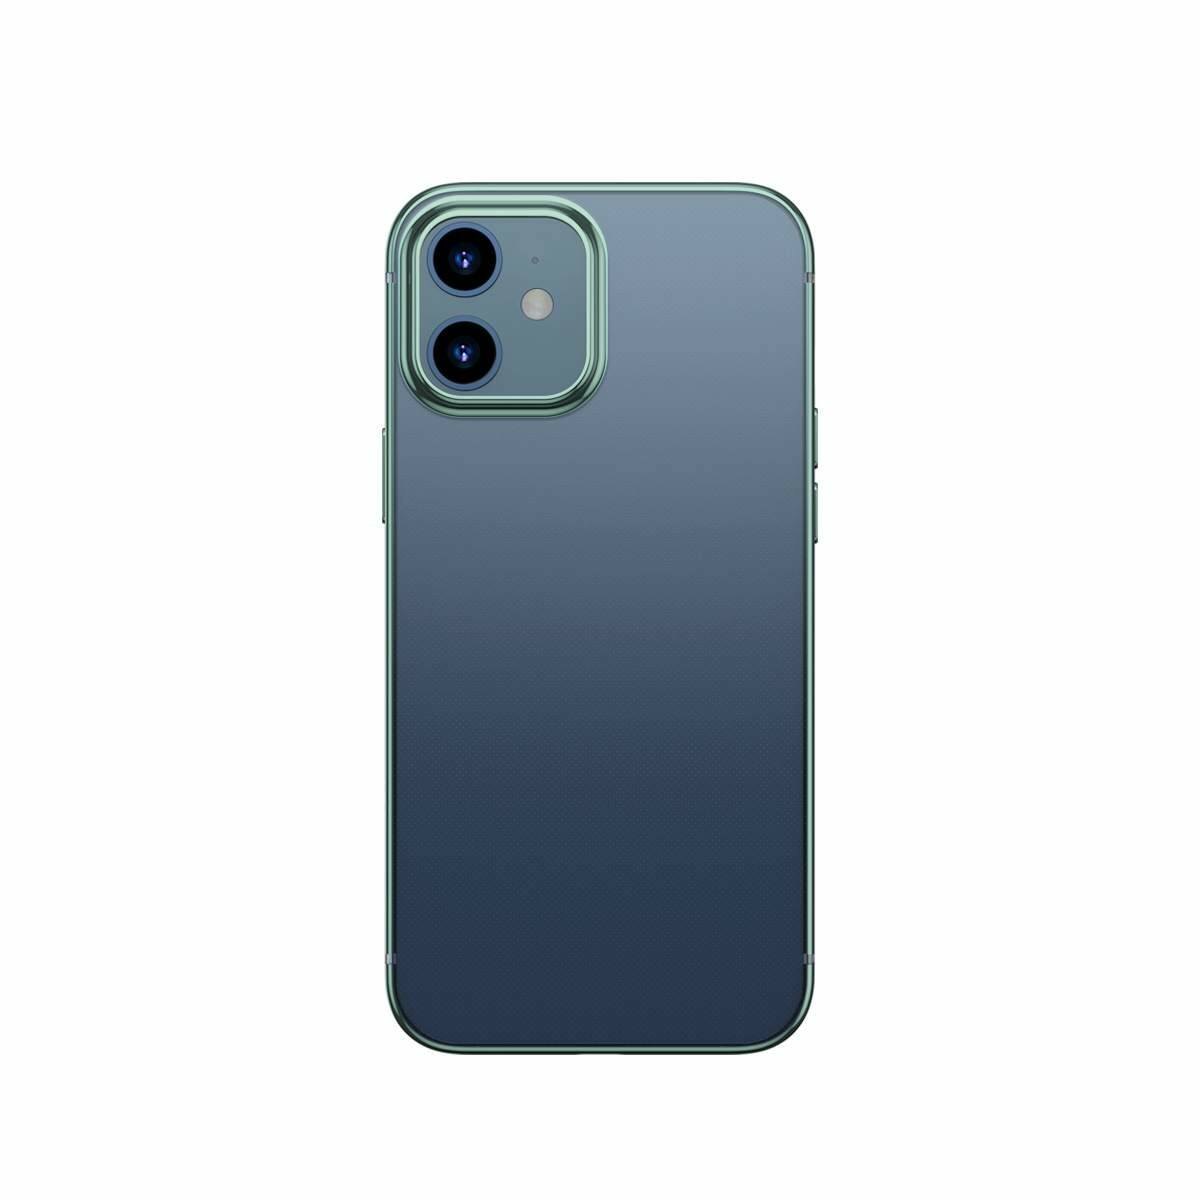 Baseus iPhone 12/12 Pro tok, Shining (esés védelemmel), zöld (ARAPIPH61N-MD06)